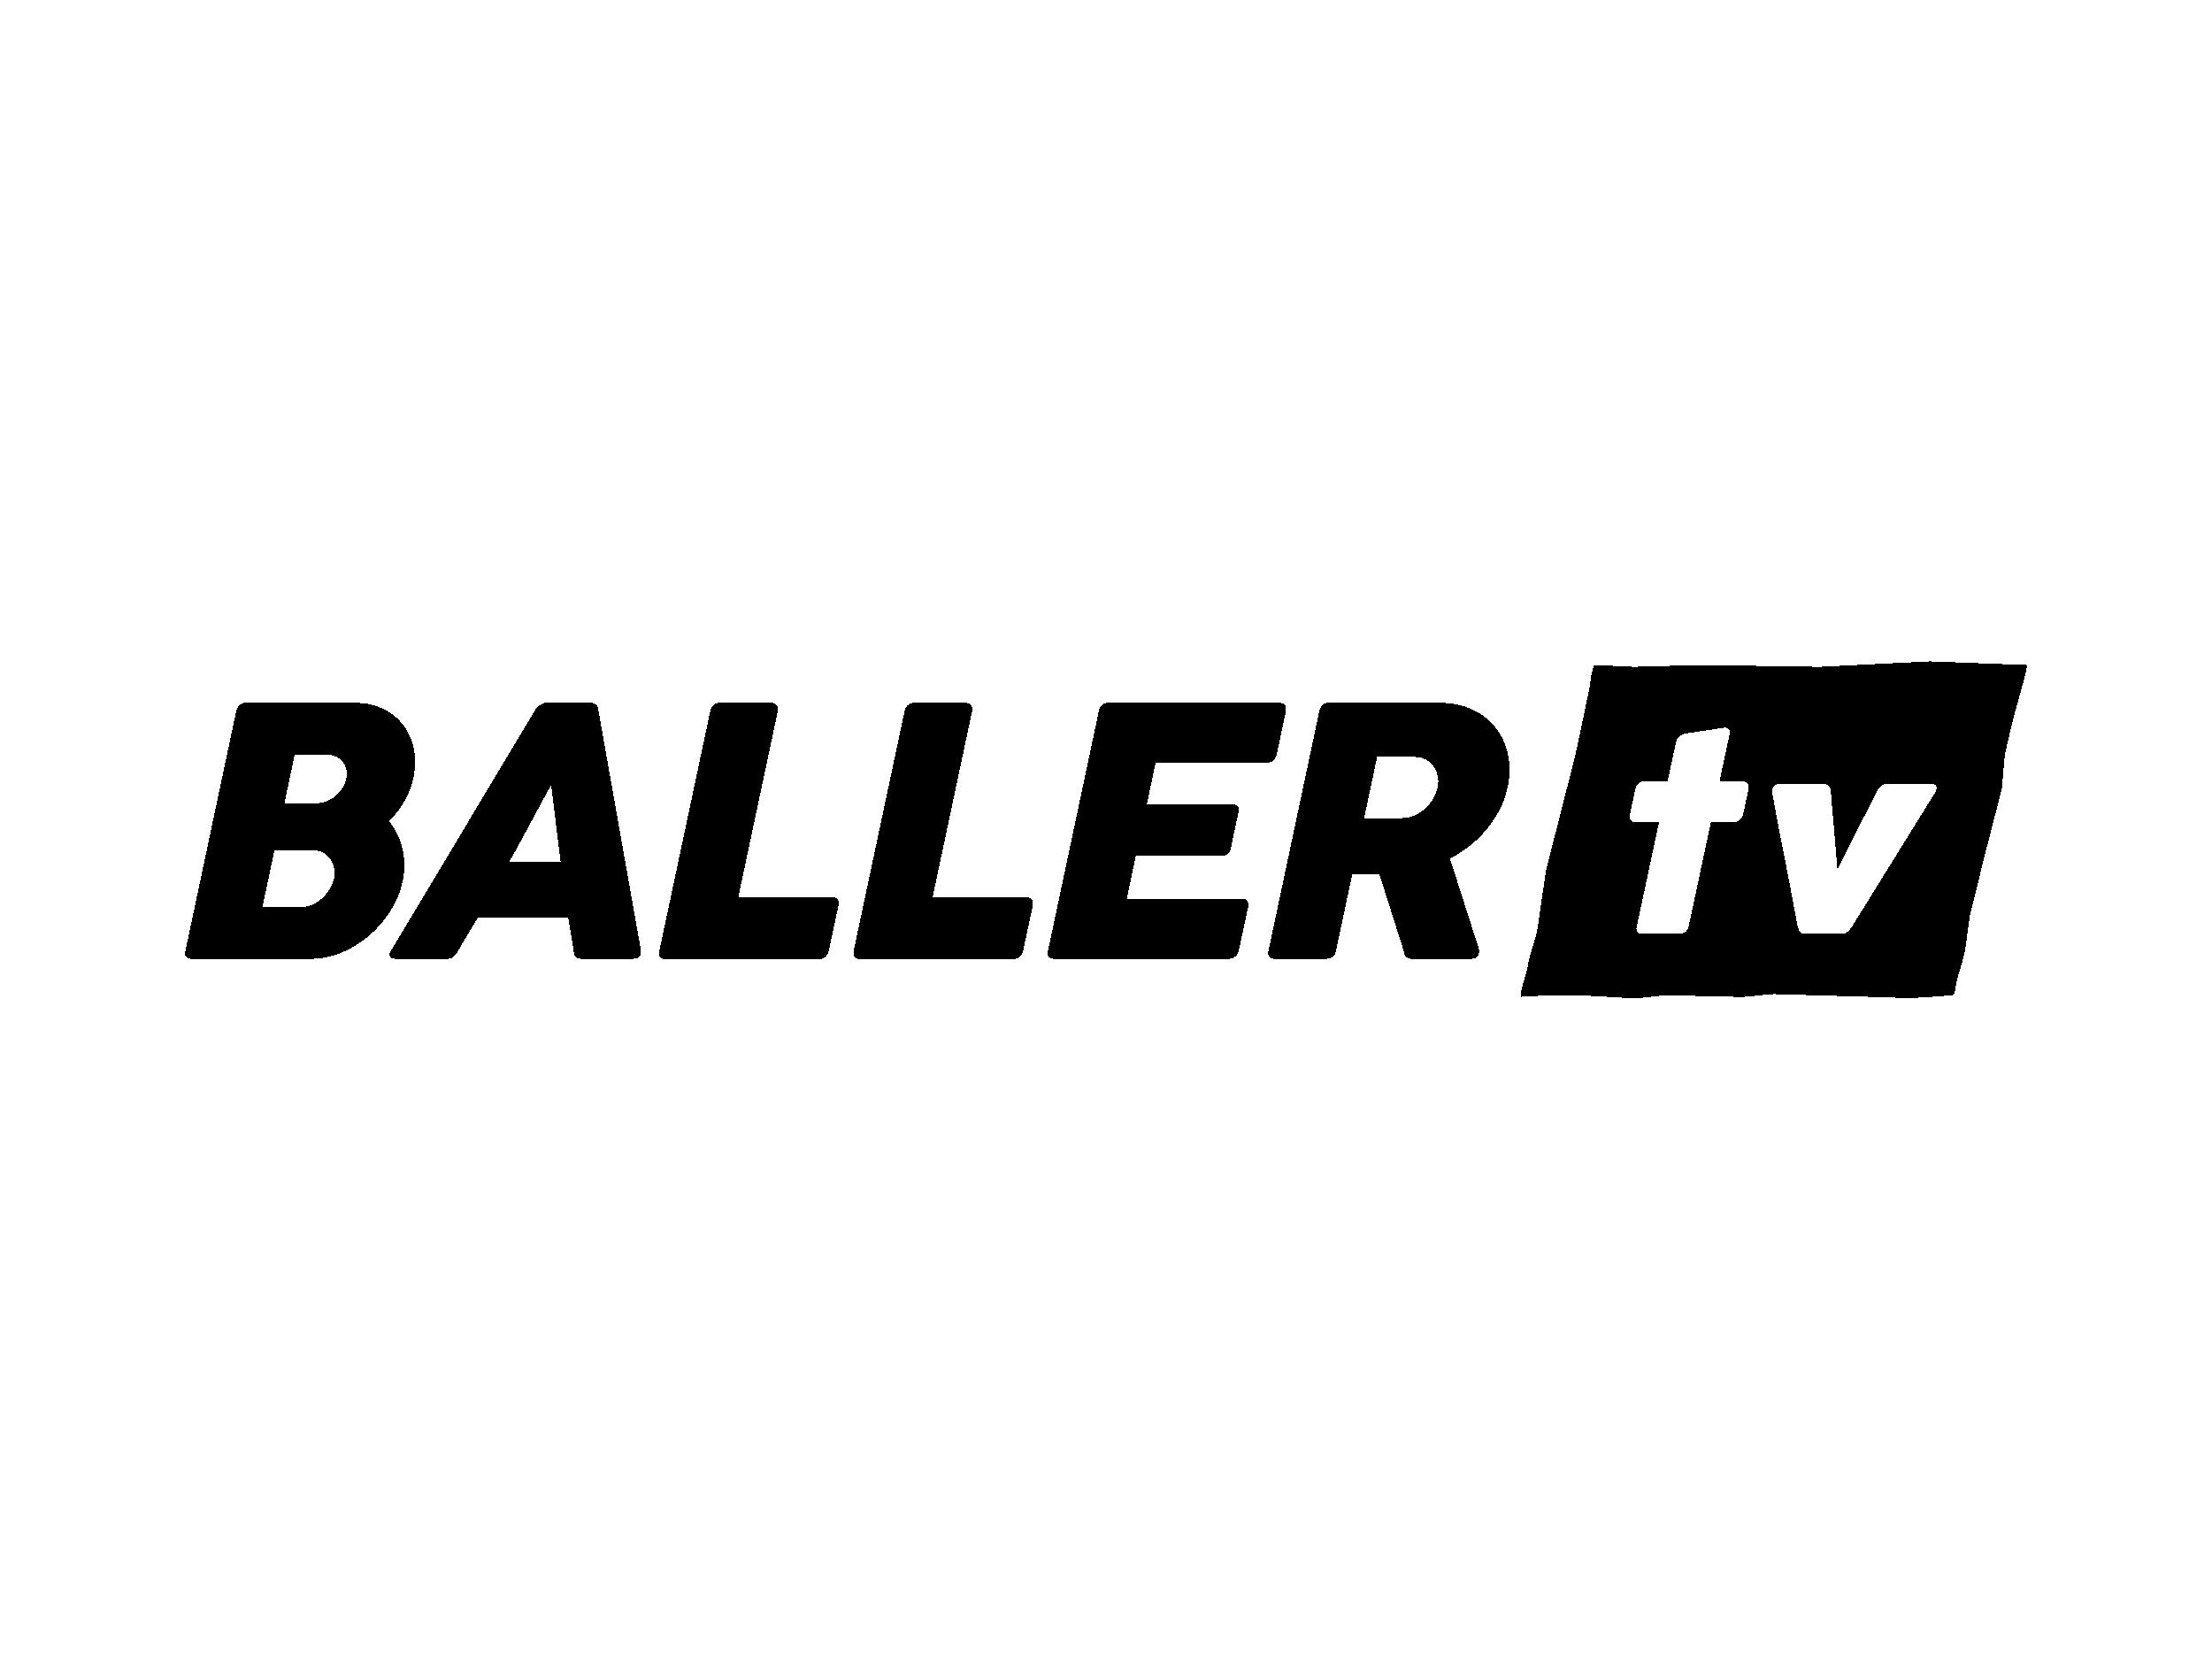 Portfolio logos_Baller TV